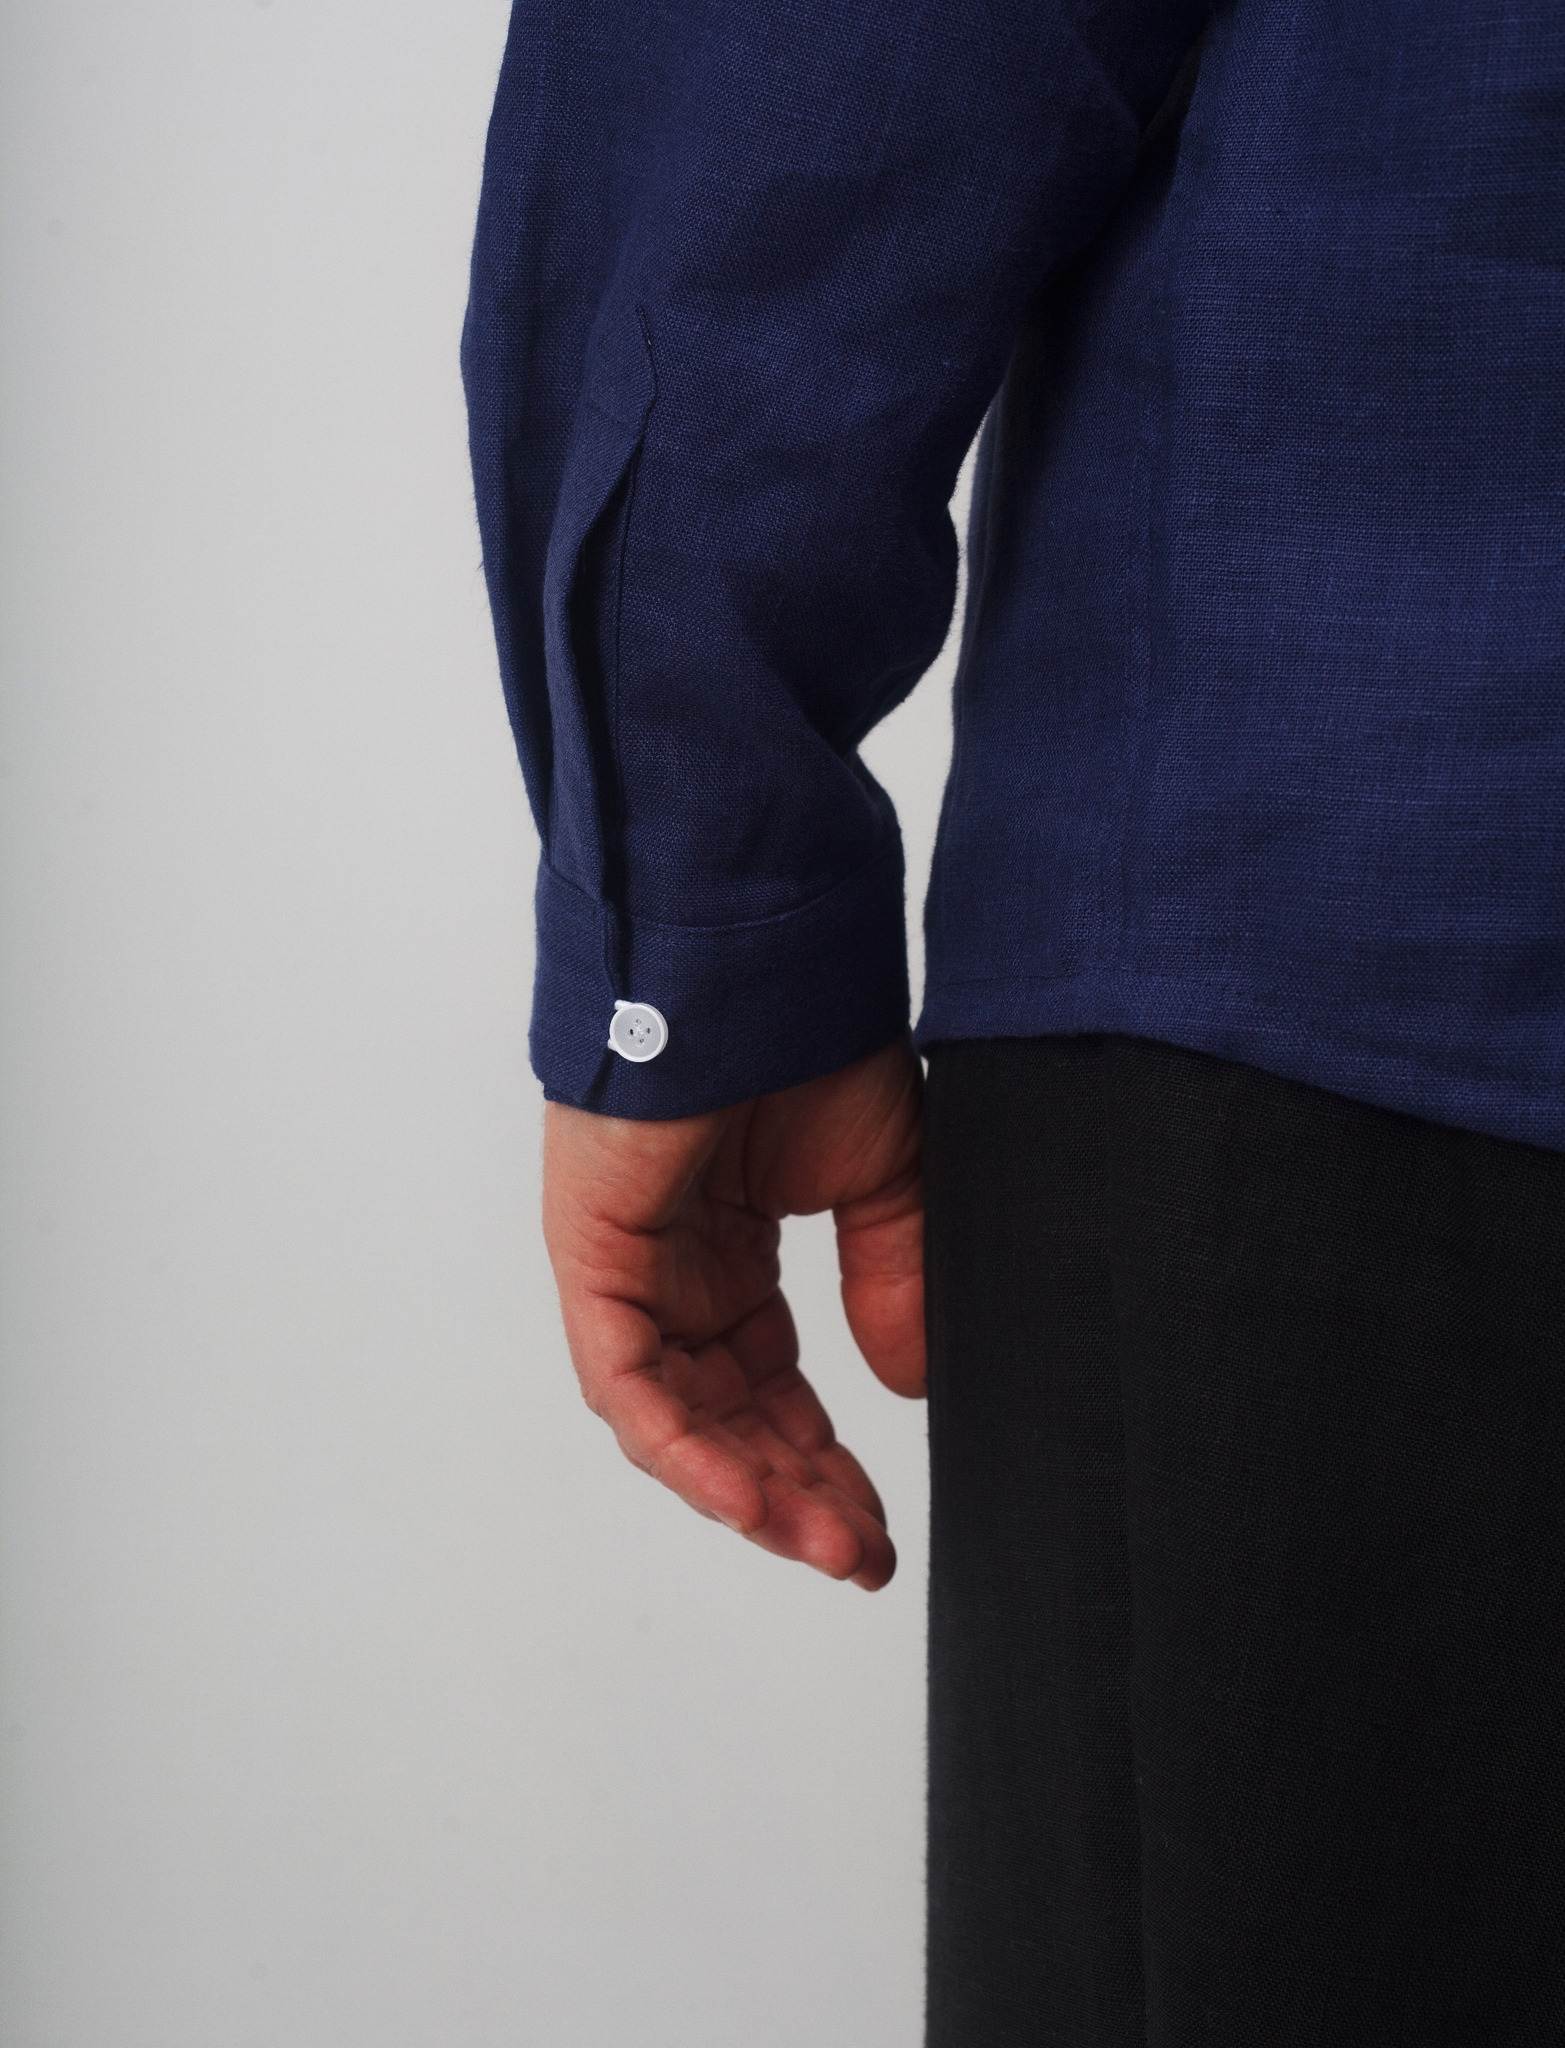 Рубашка мужская Сибирская манжета